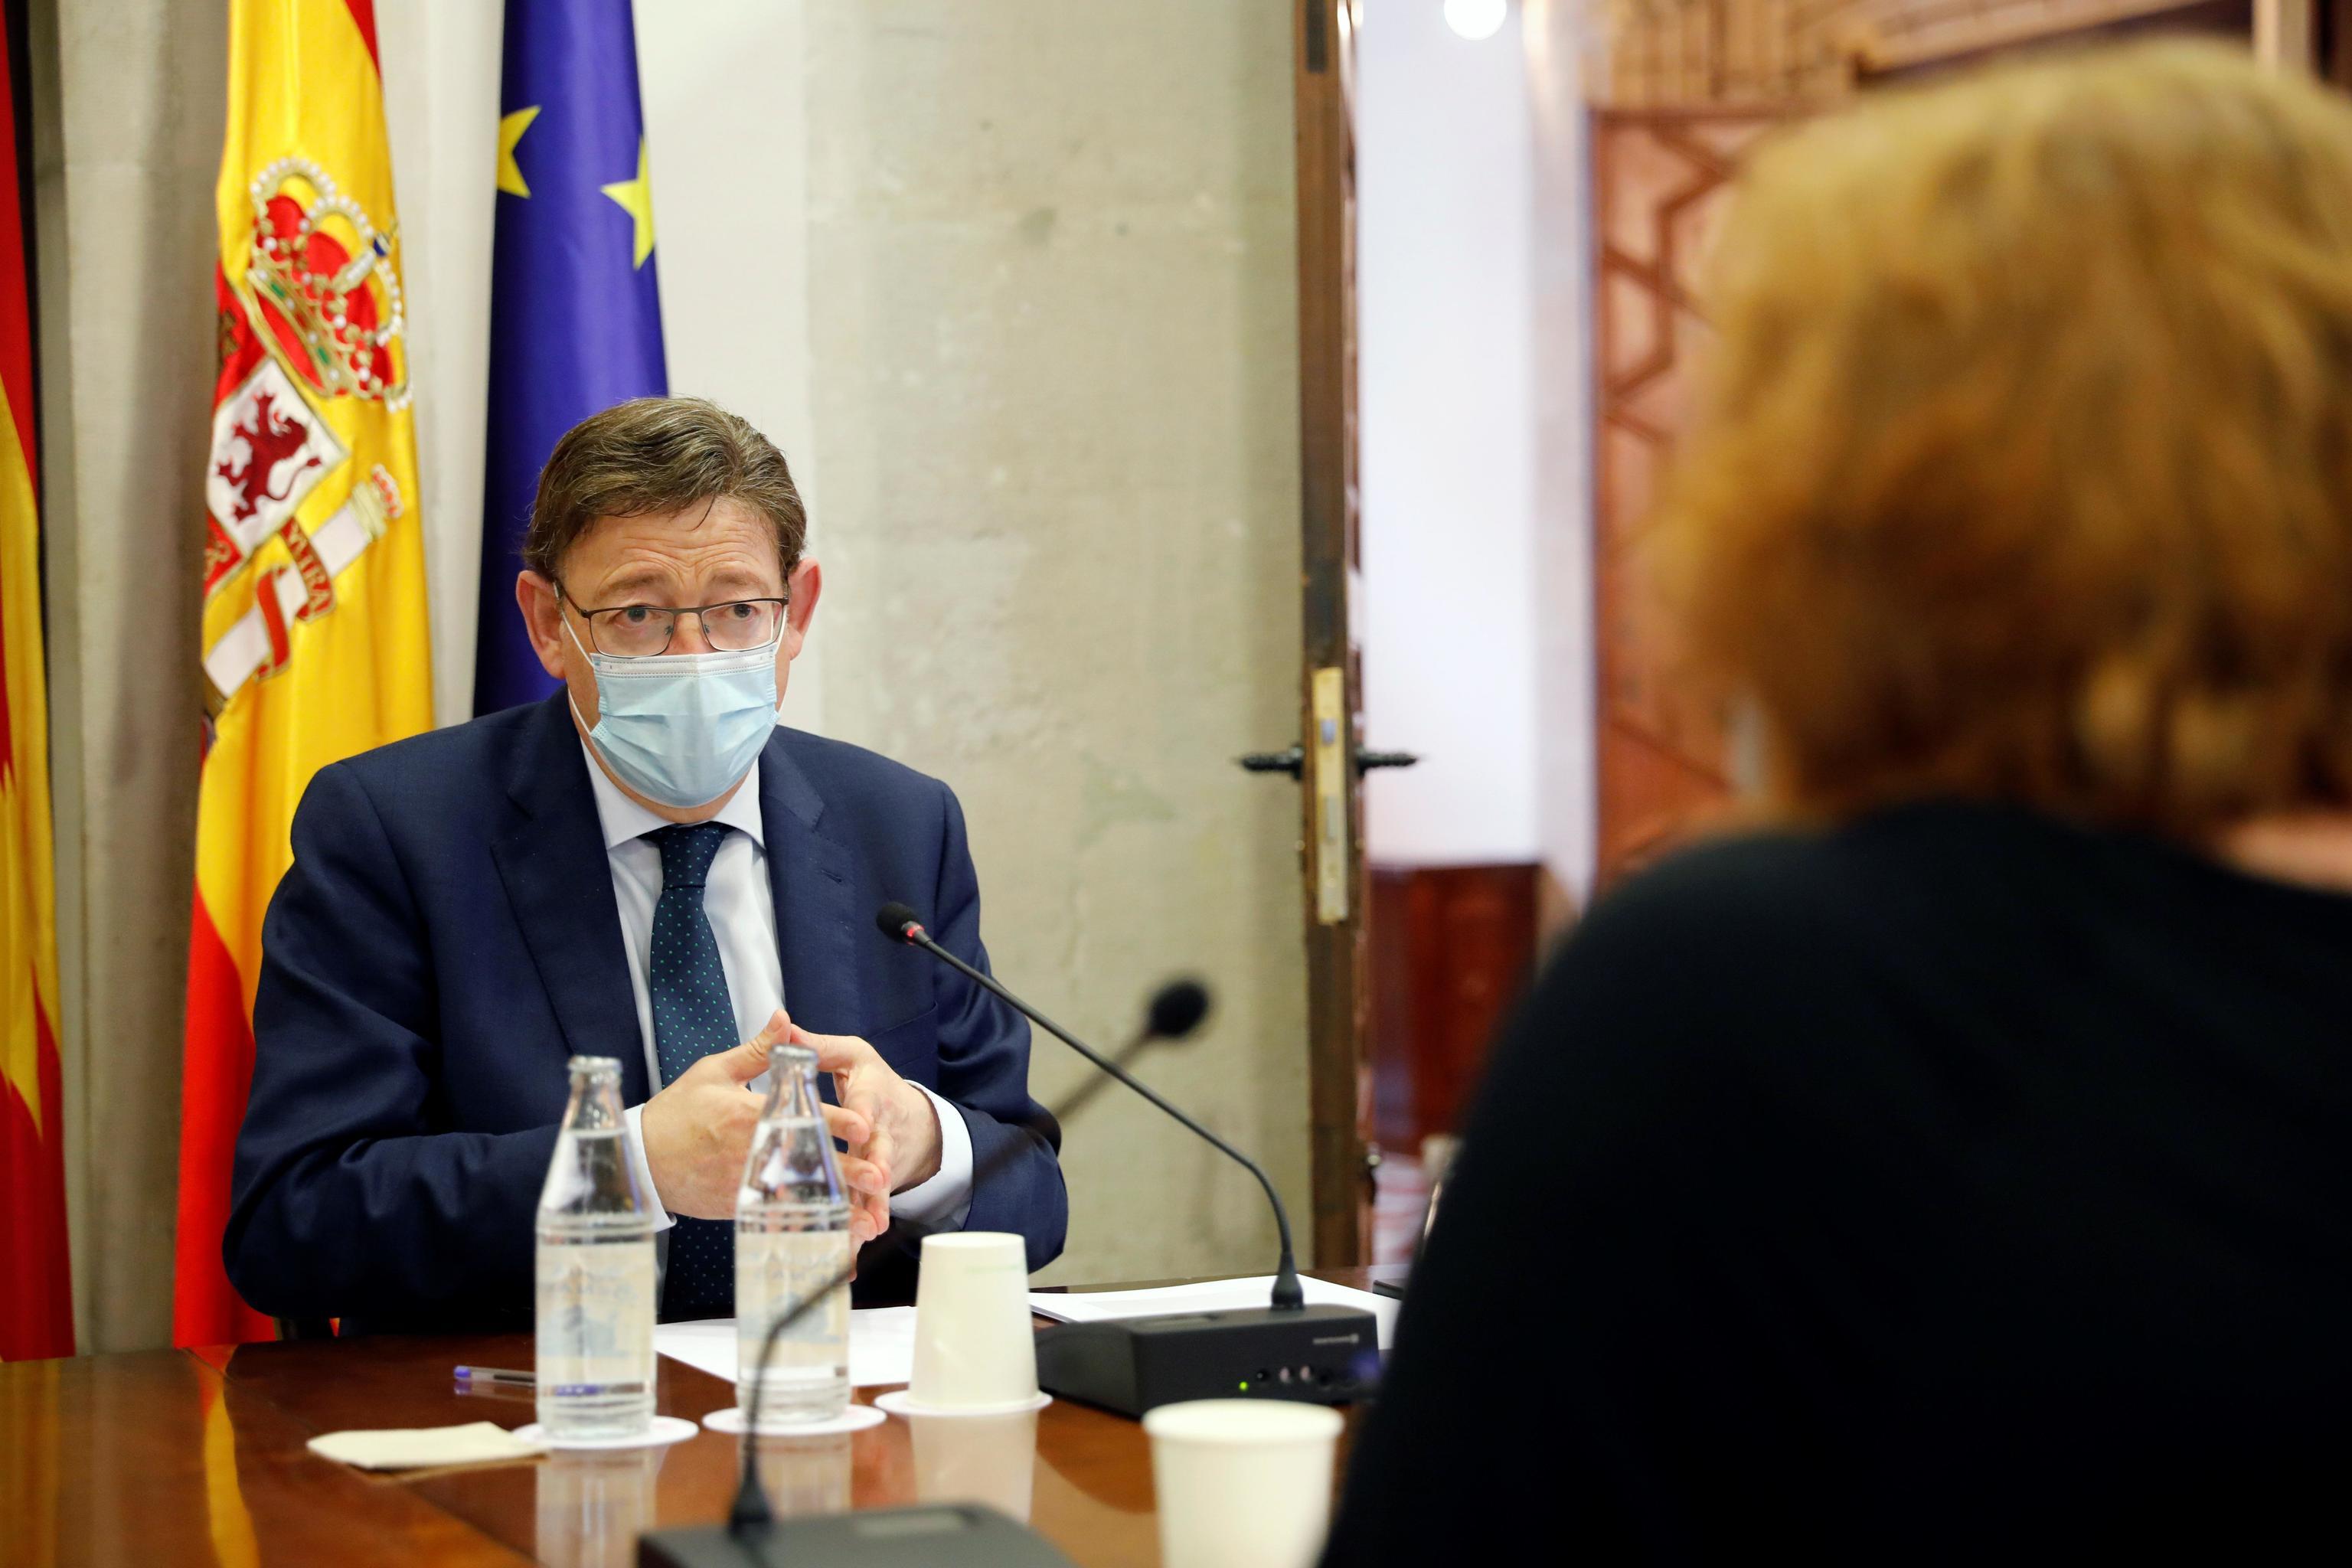 Le président de la Generalitat Valenciana, Ximo Puig.